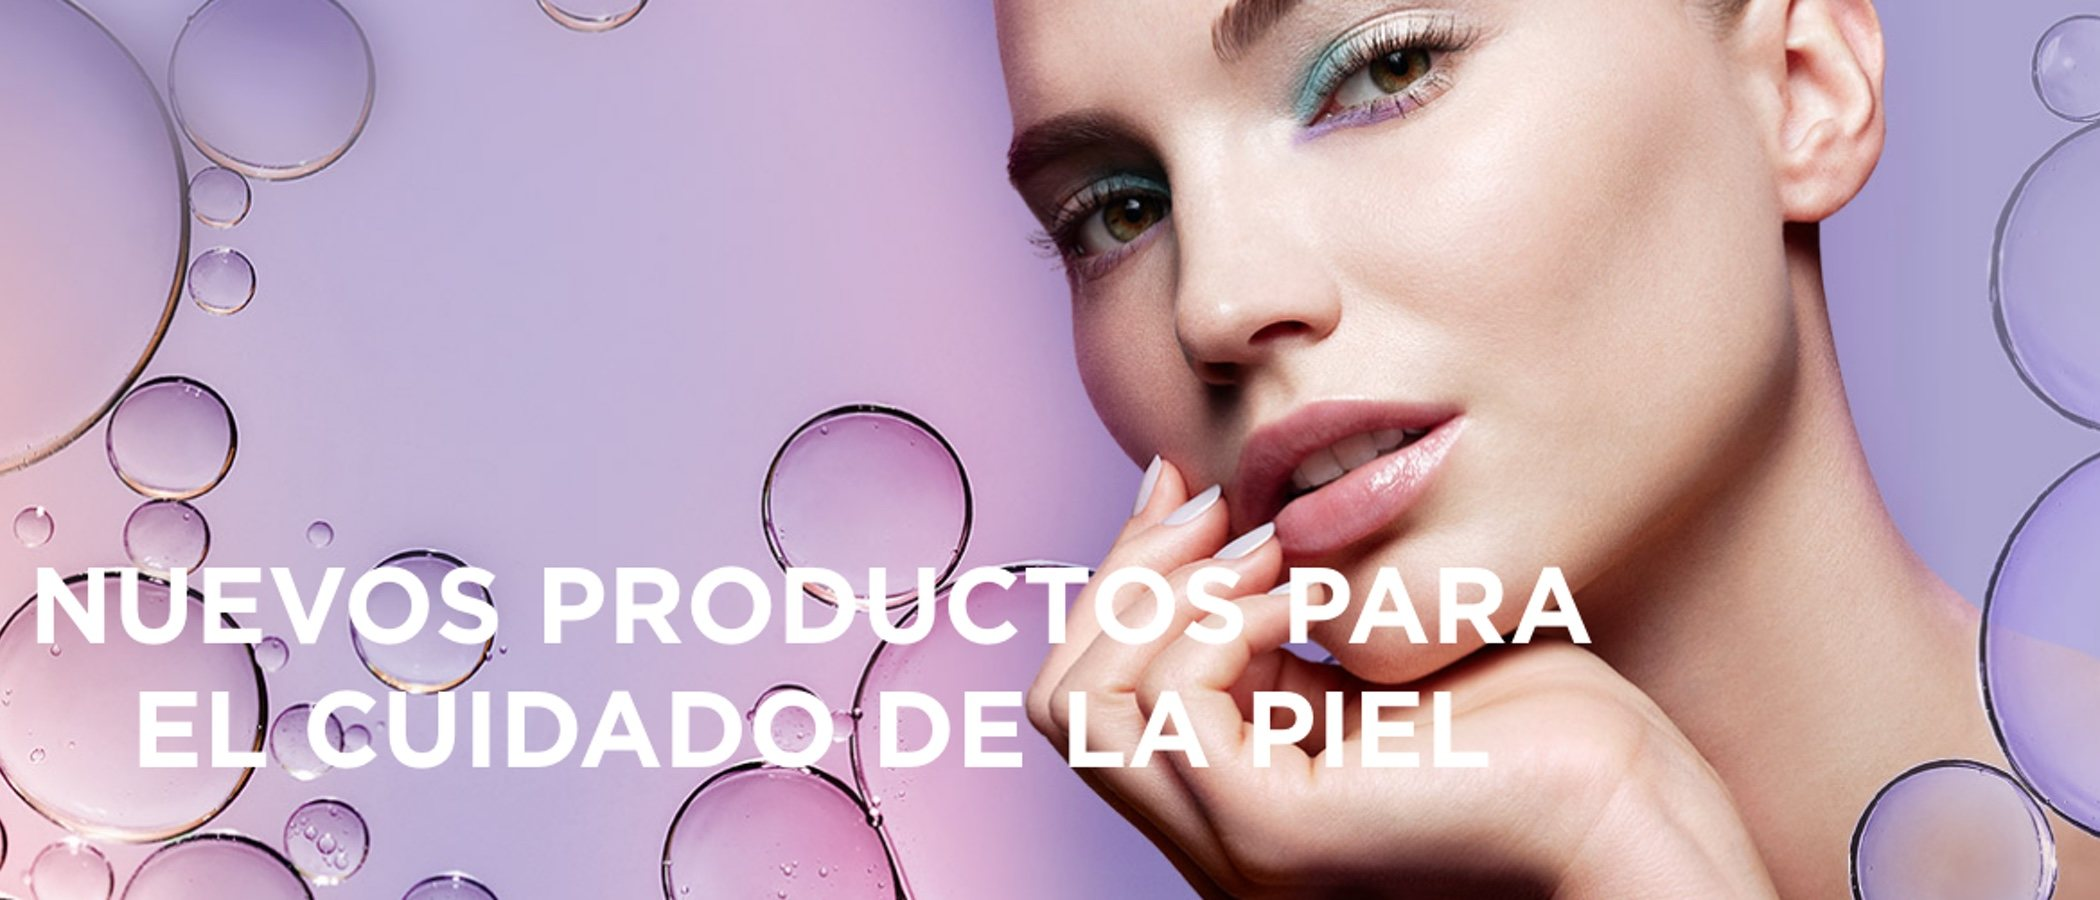 Kiko lanza su nueva línea de productos para el cuidado de la piel